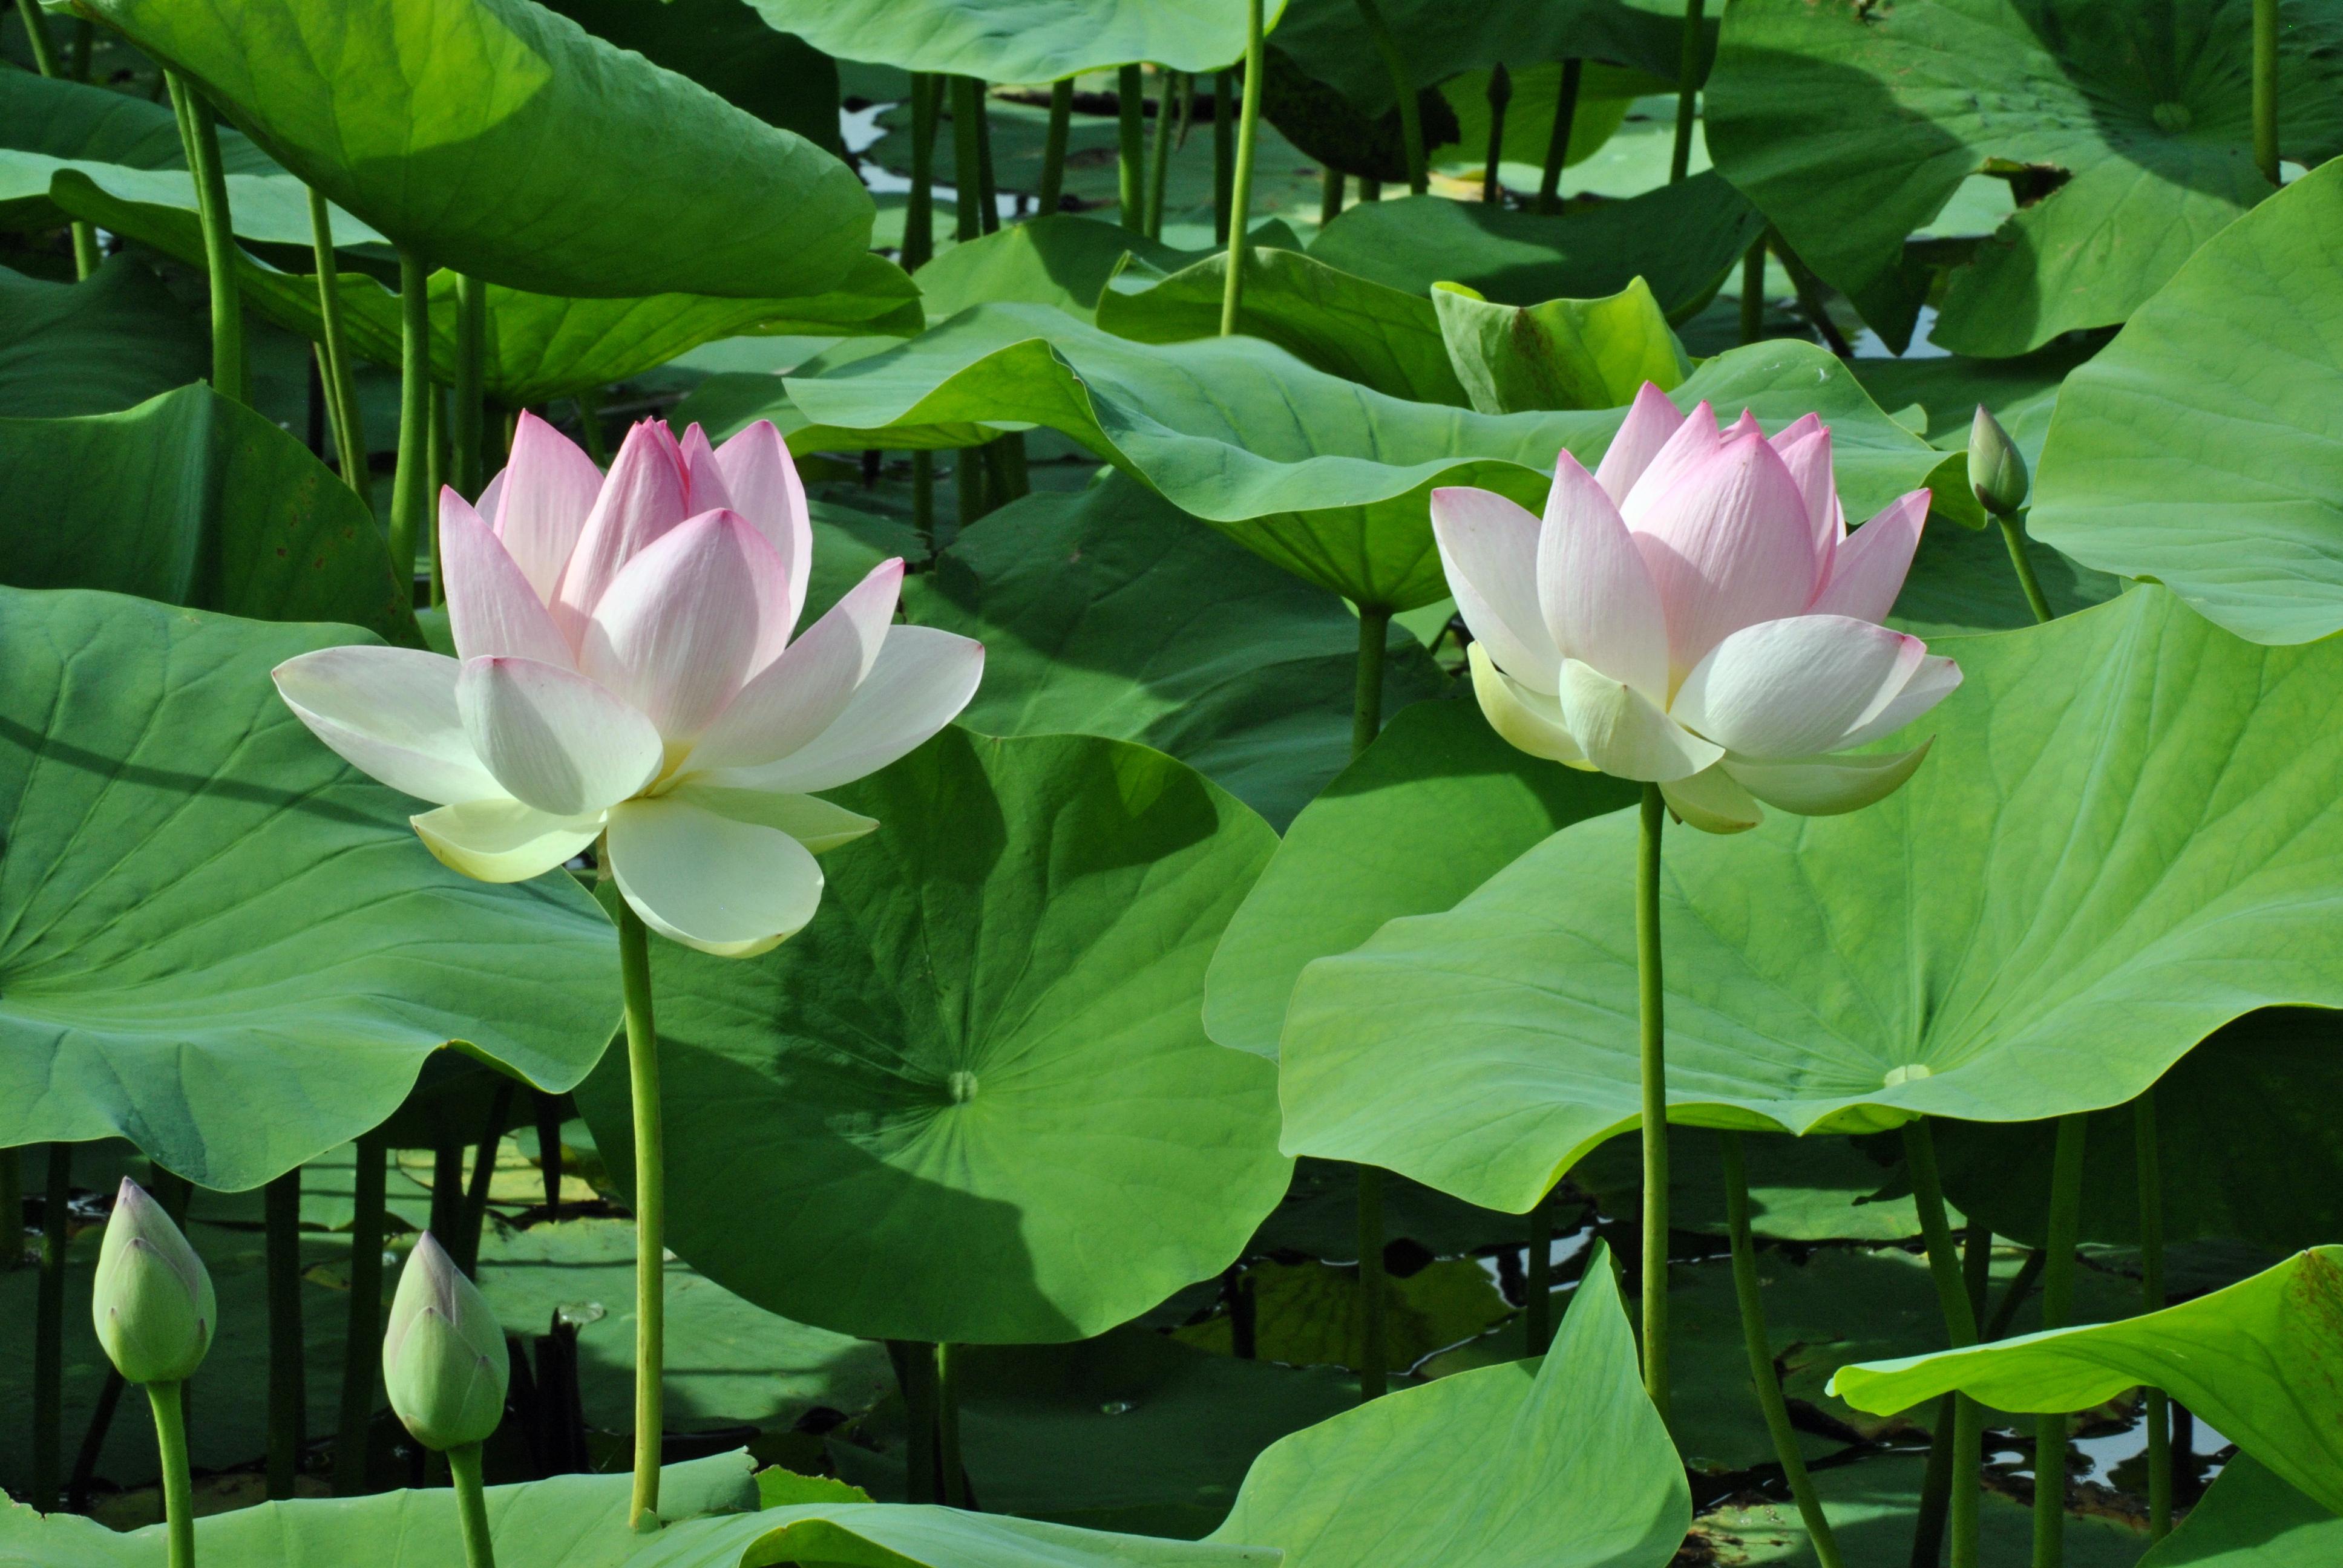 Hình ảnh hoa sen đẹp (2)